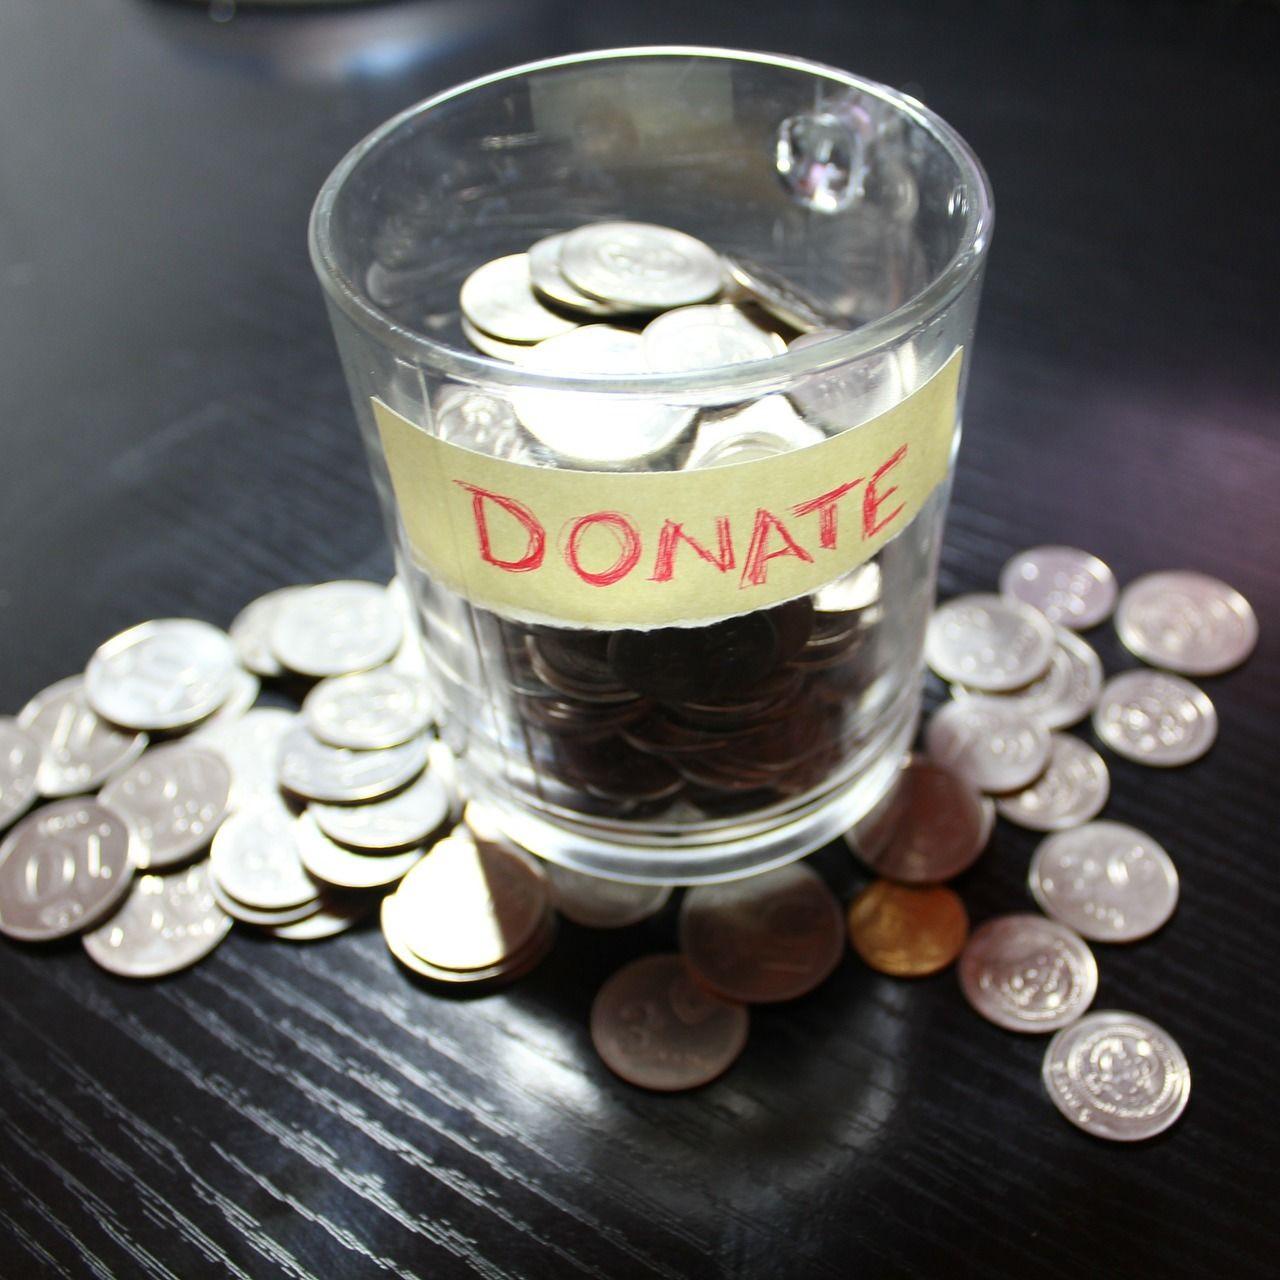 Donate h5mpyq